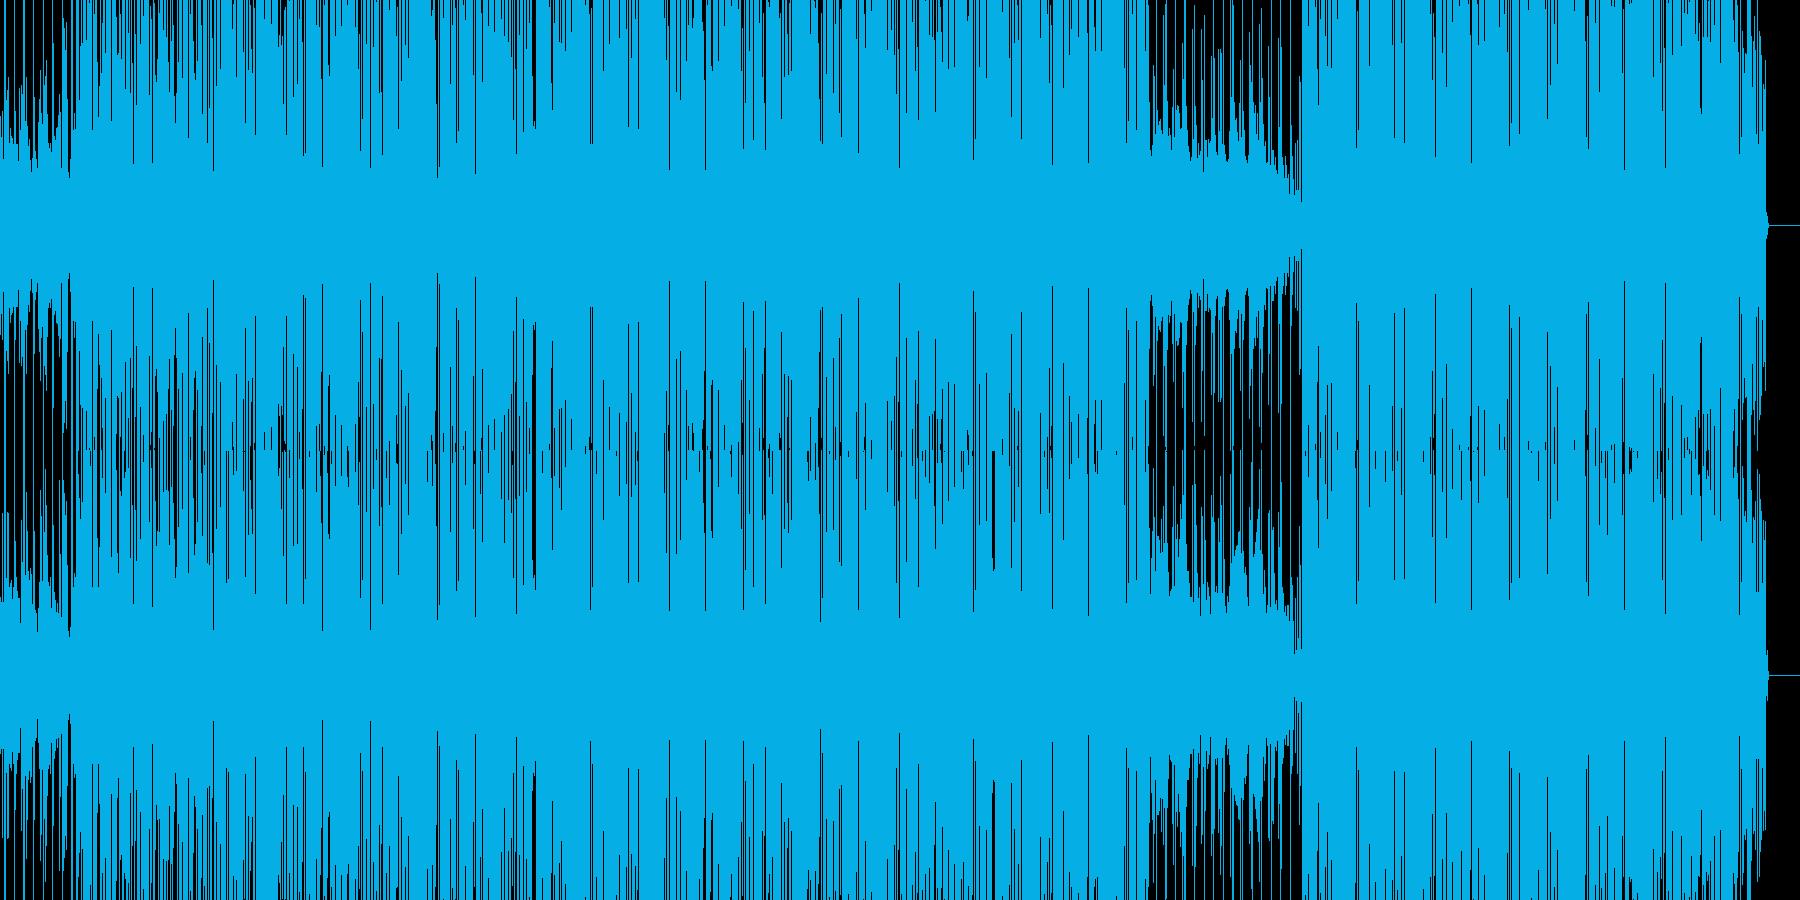 ダークでHiphopな感じのBGMの再生済みの波形